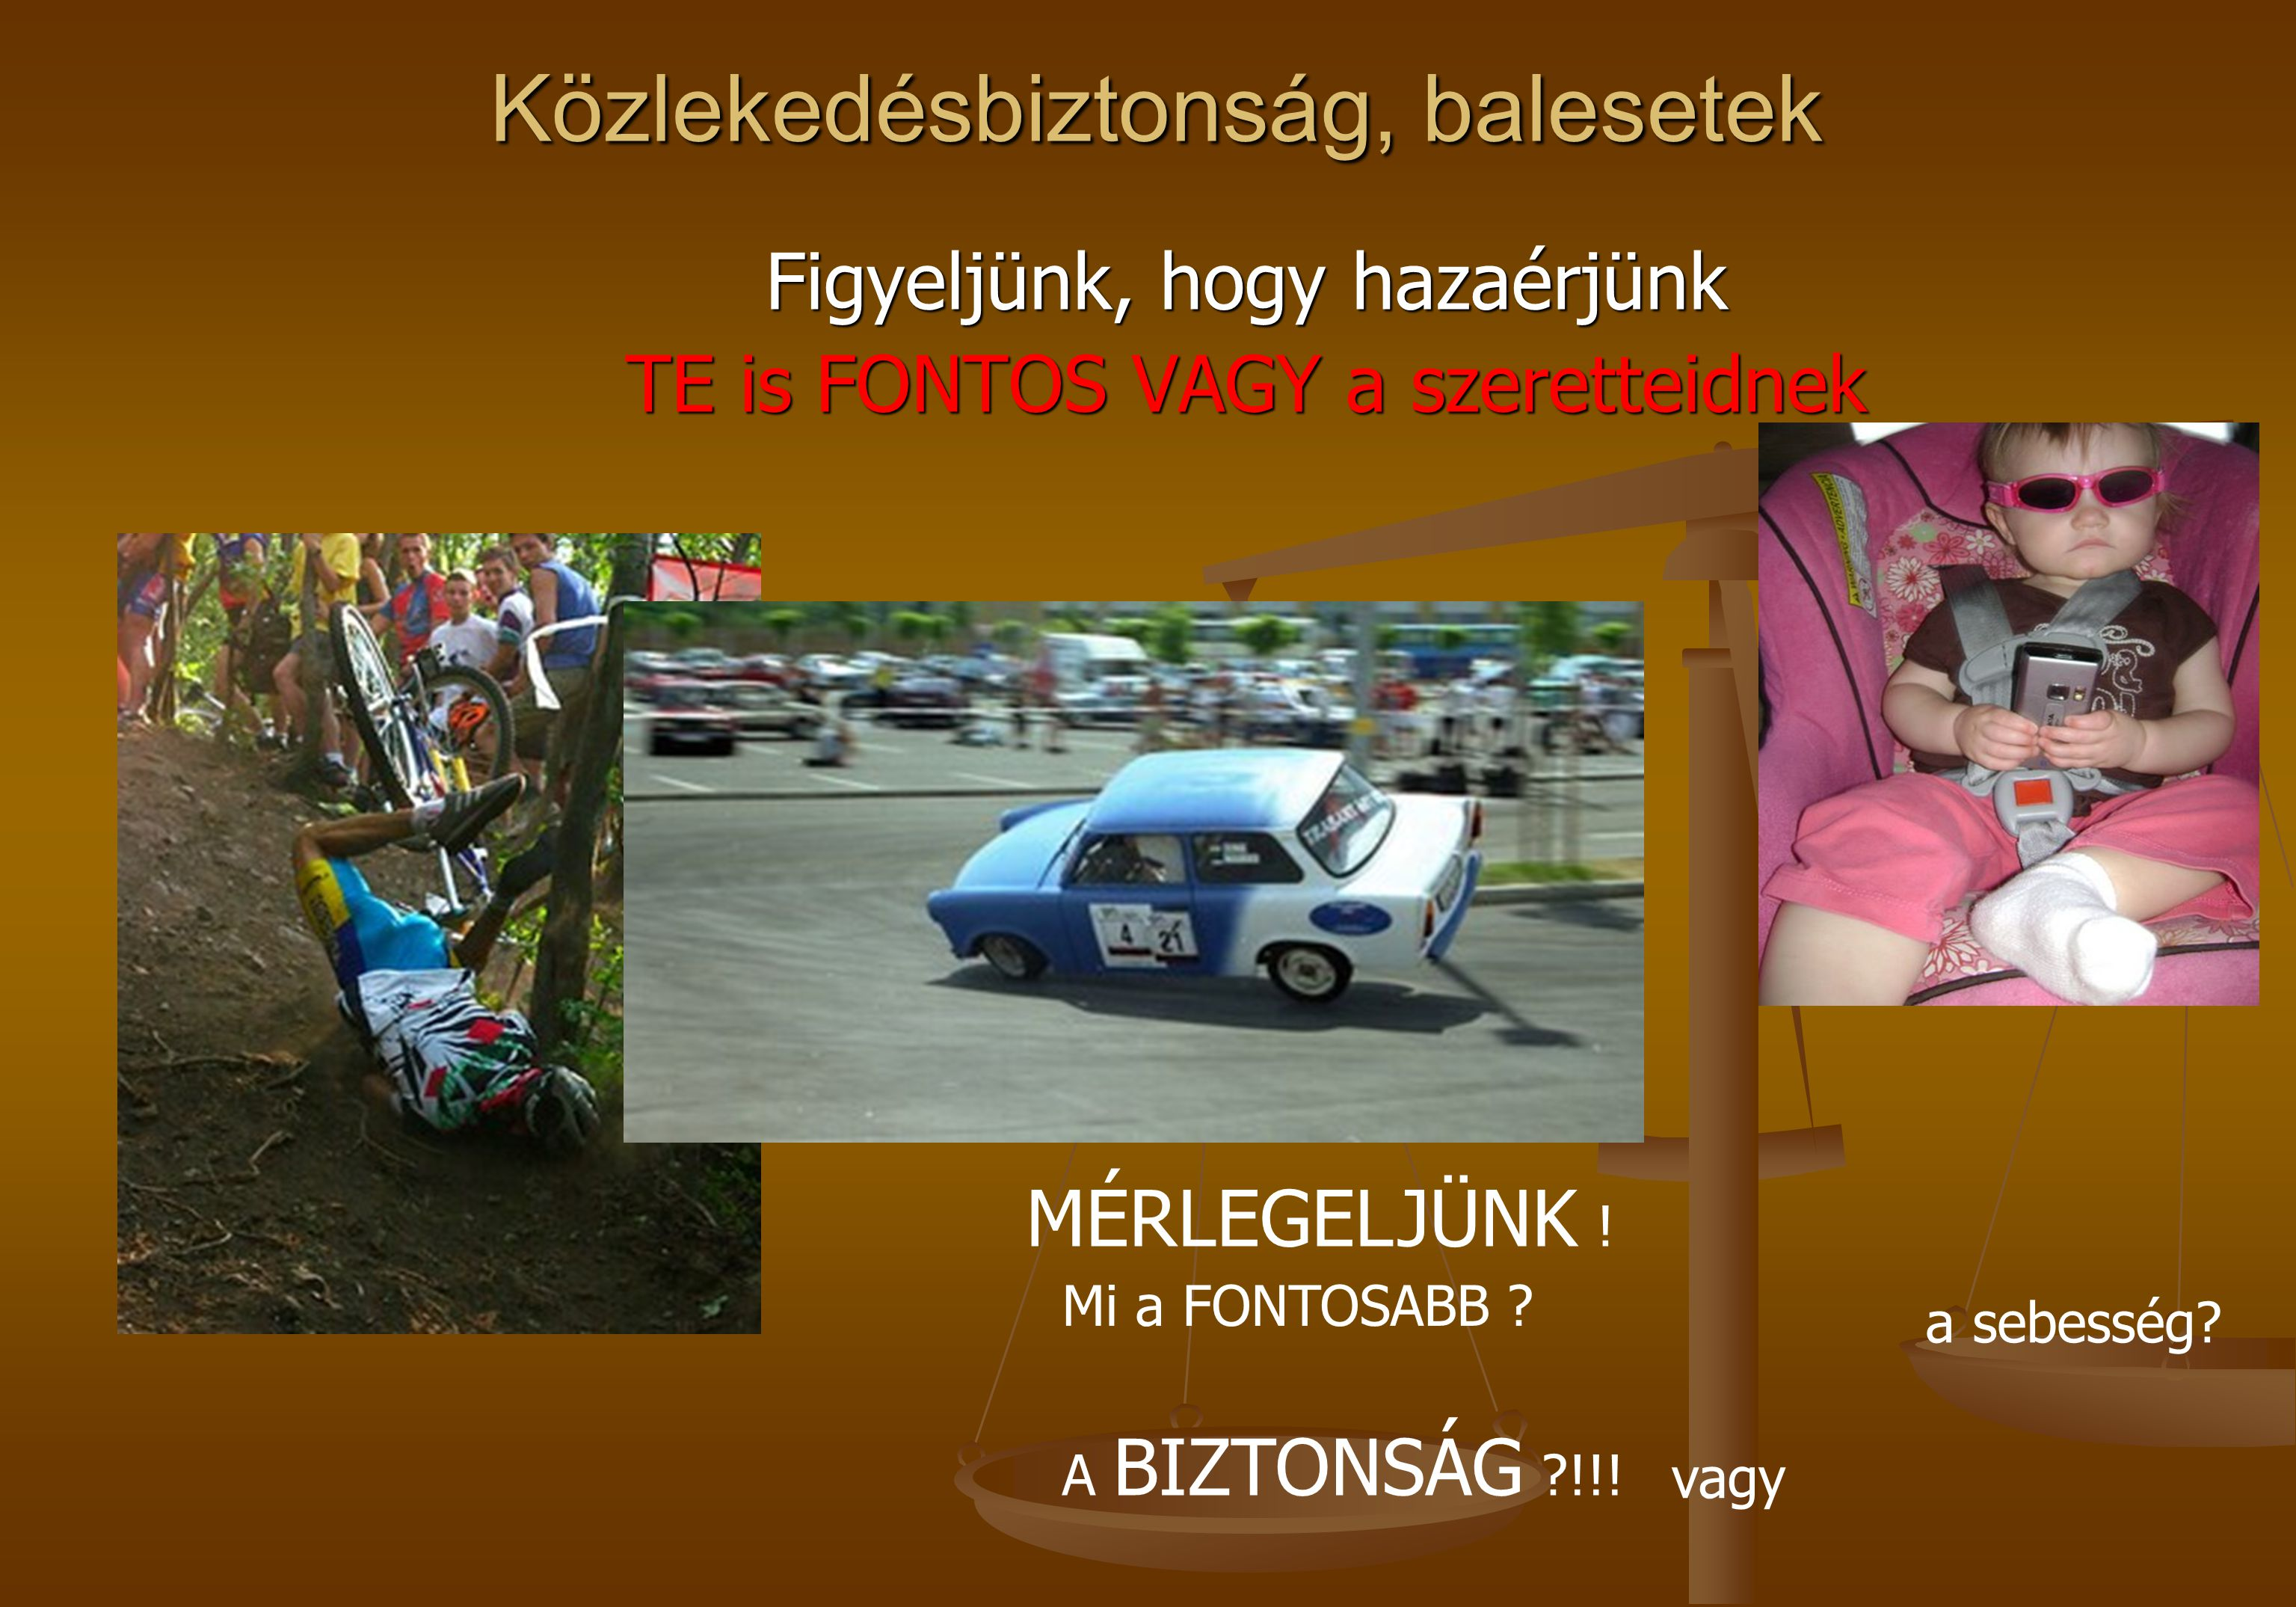 Közlekedésbiztonság, balesetek